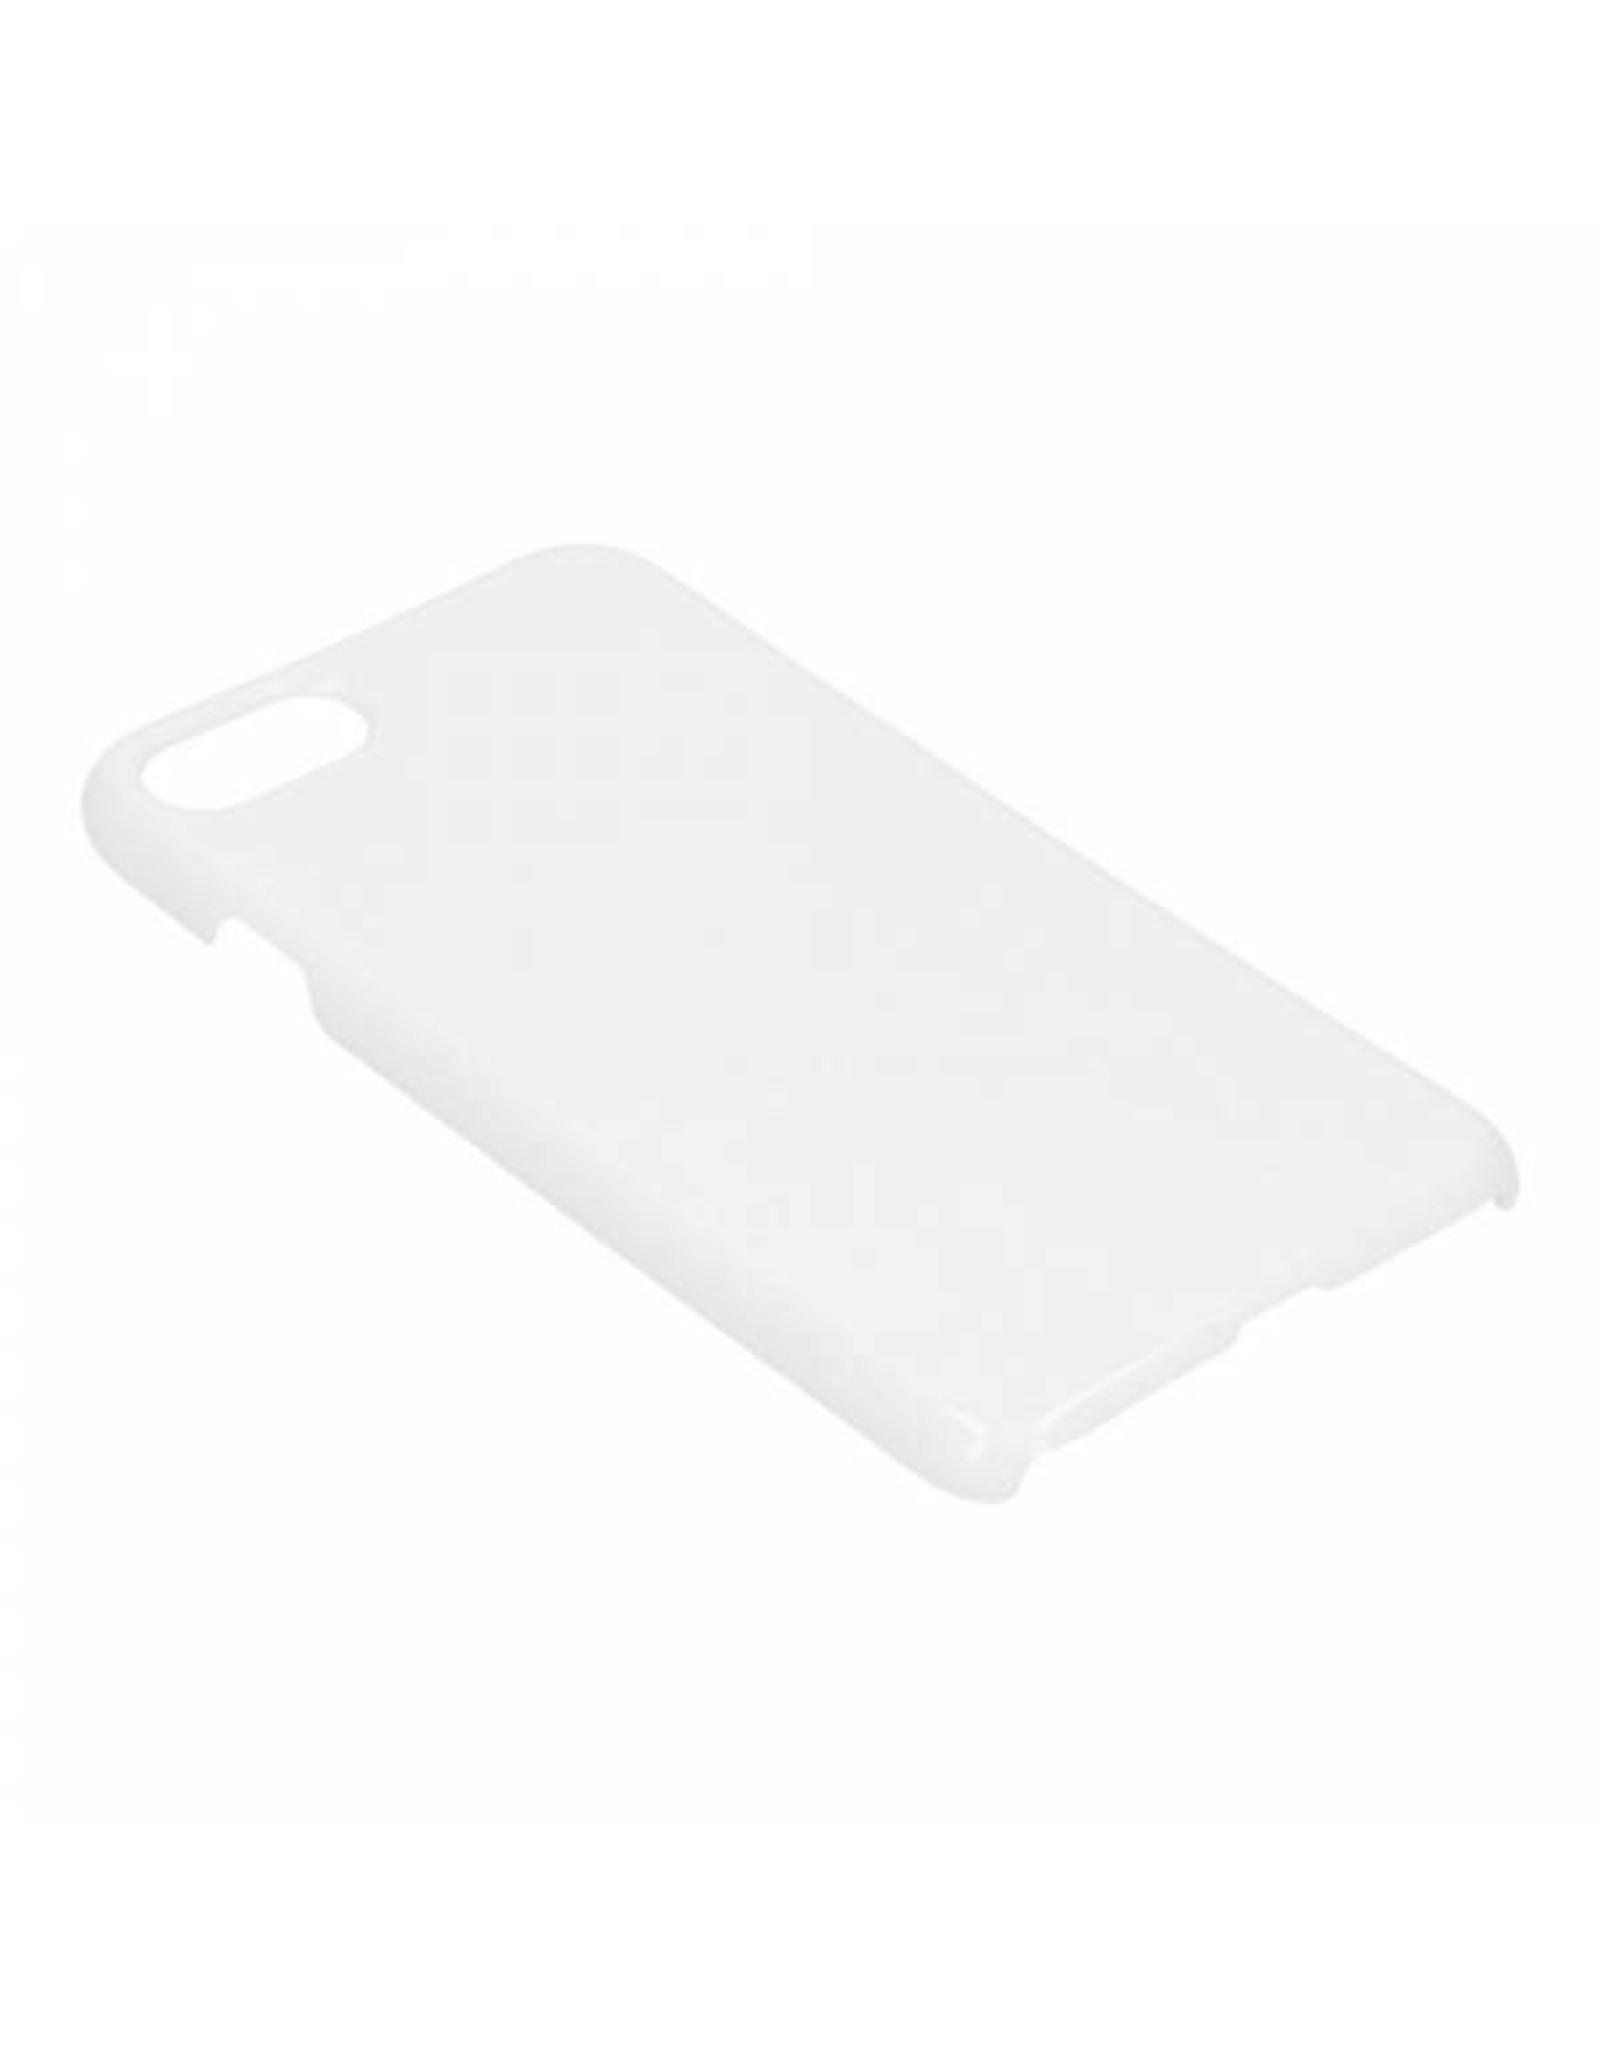 3D iPhone 7 plus